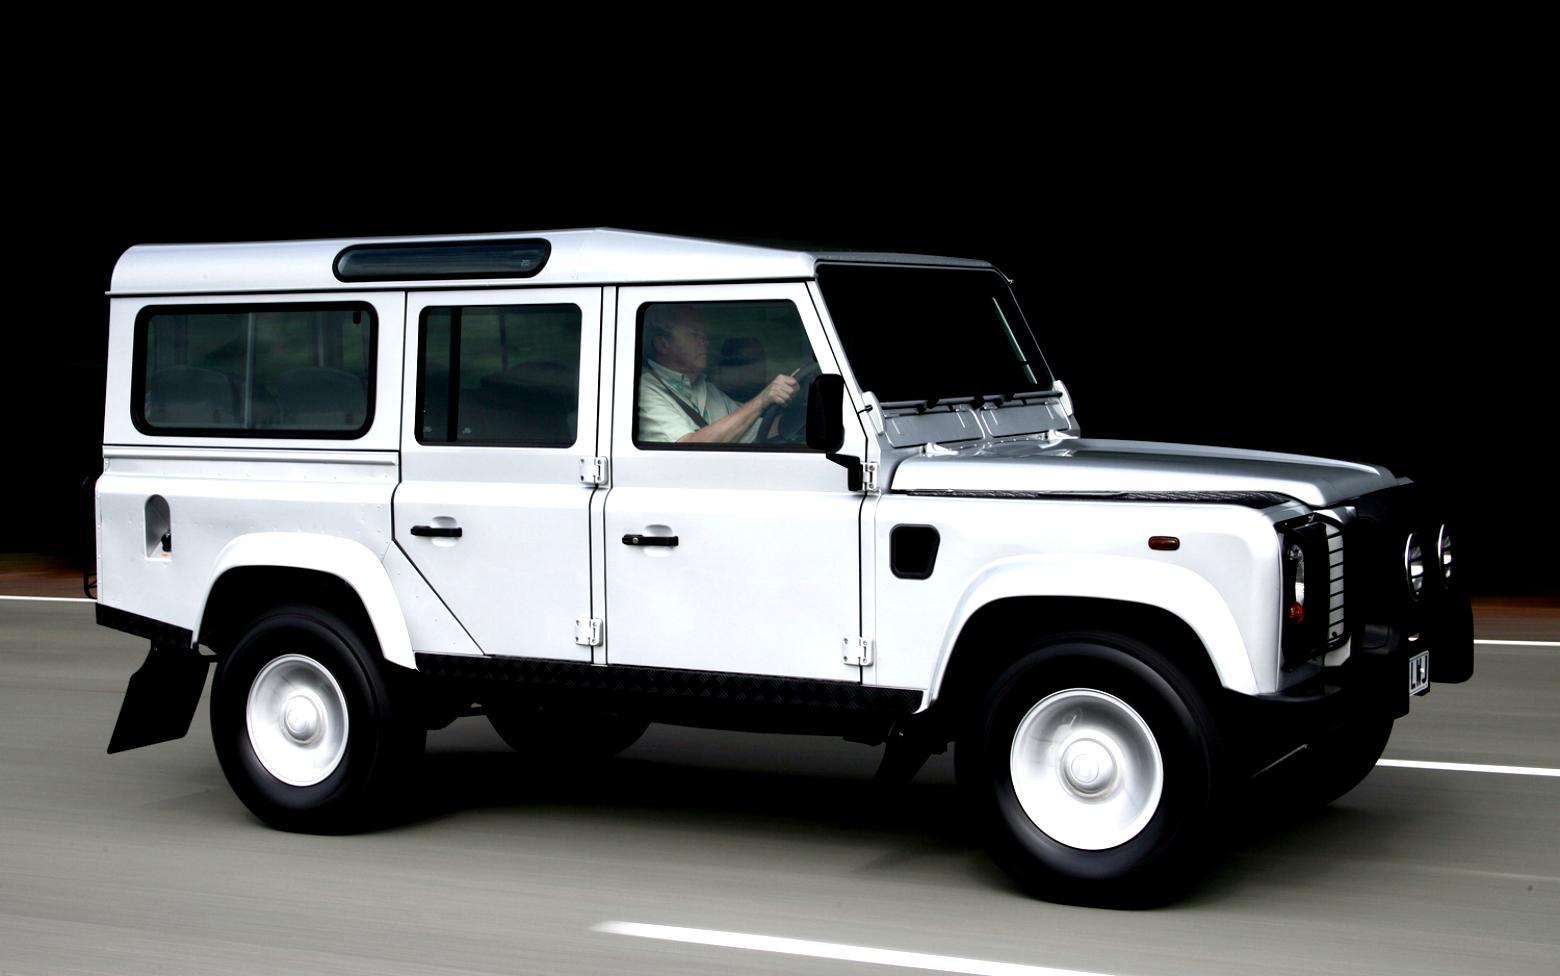 Land Rover Defender 90 2012 On Motoimg Com